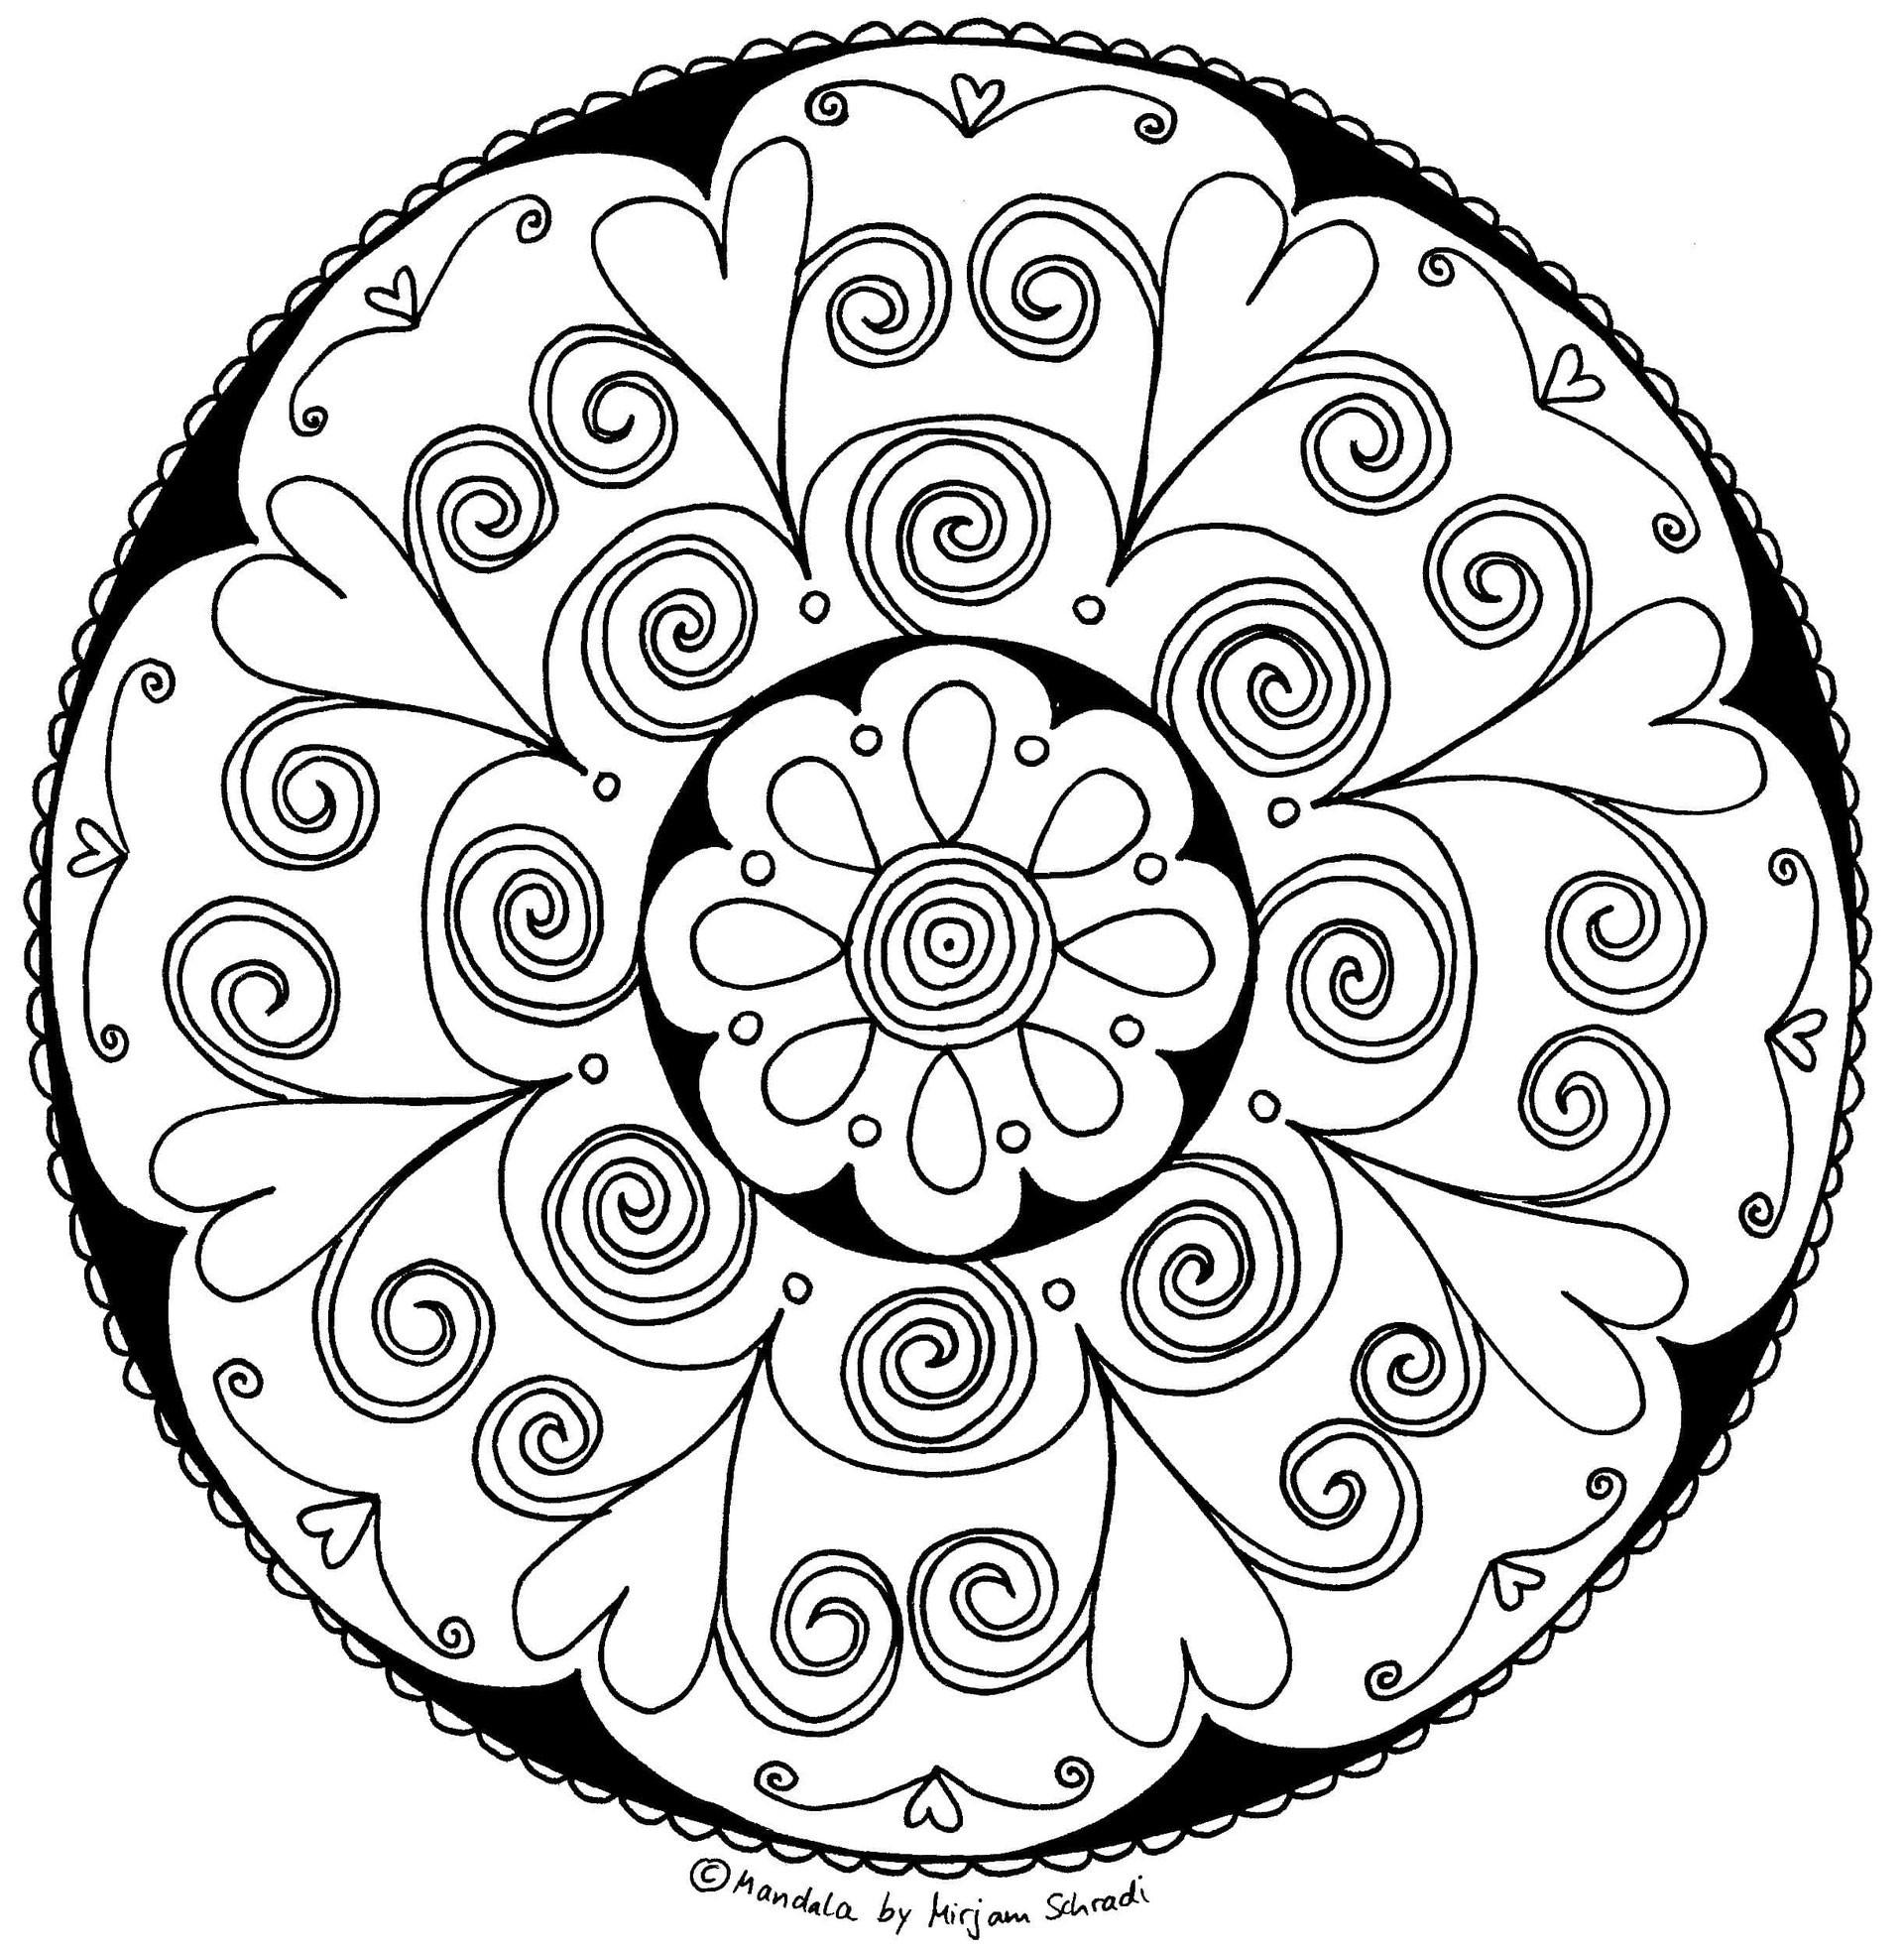 Erdmännchen Zum Ausmalen Genial Süßes Herz Mandala Für Kinder Teenager Mandalamalspiel Das Bild